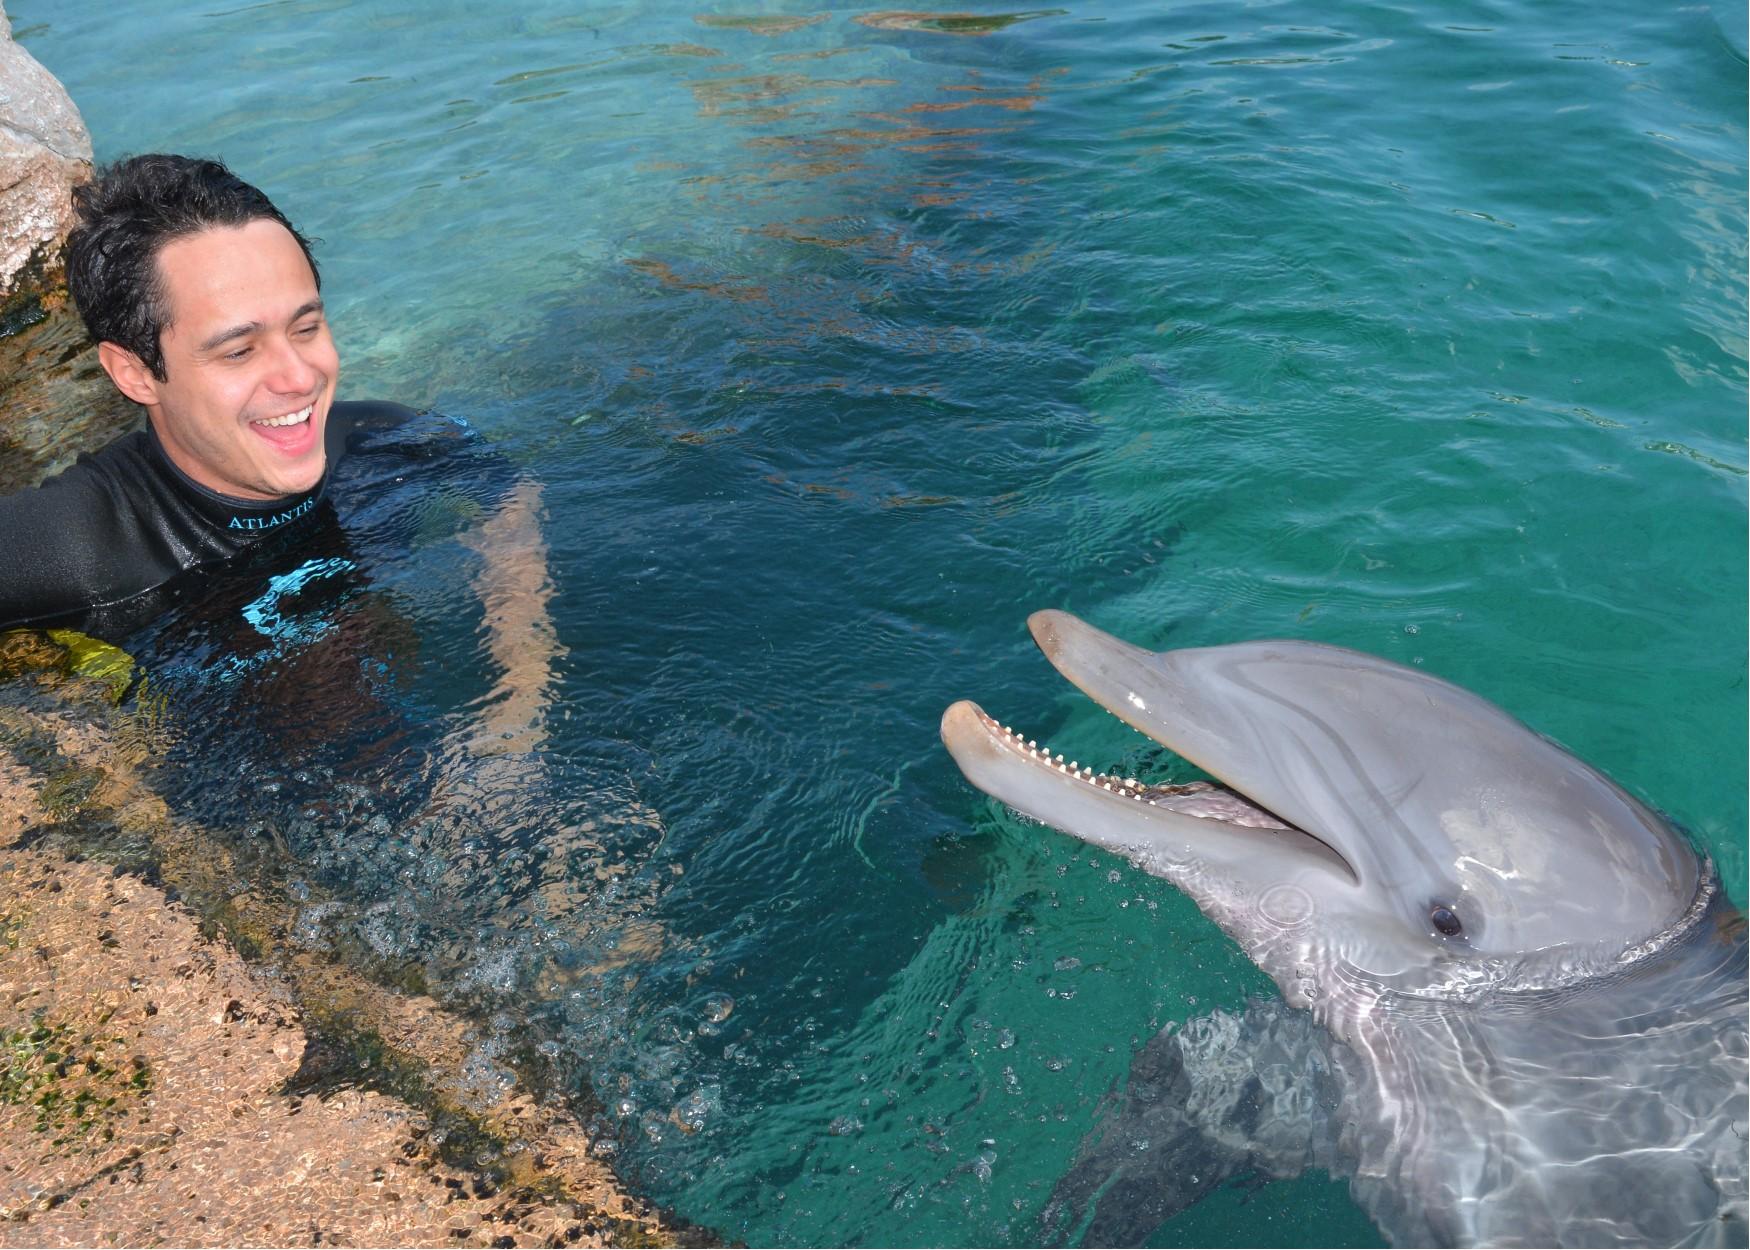 Foto do Henrique com o golfinho durante o cruzeiro da Disney, no Atlantis das Bahamas